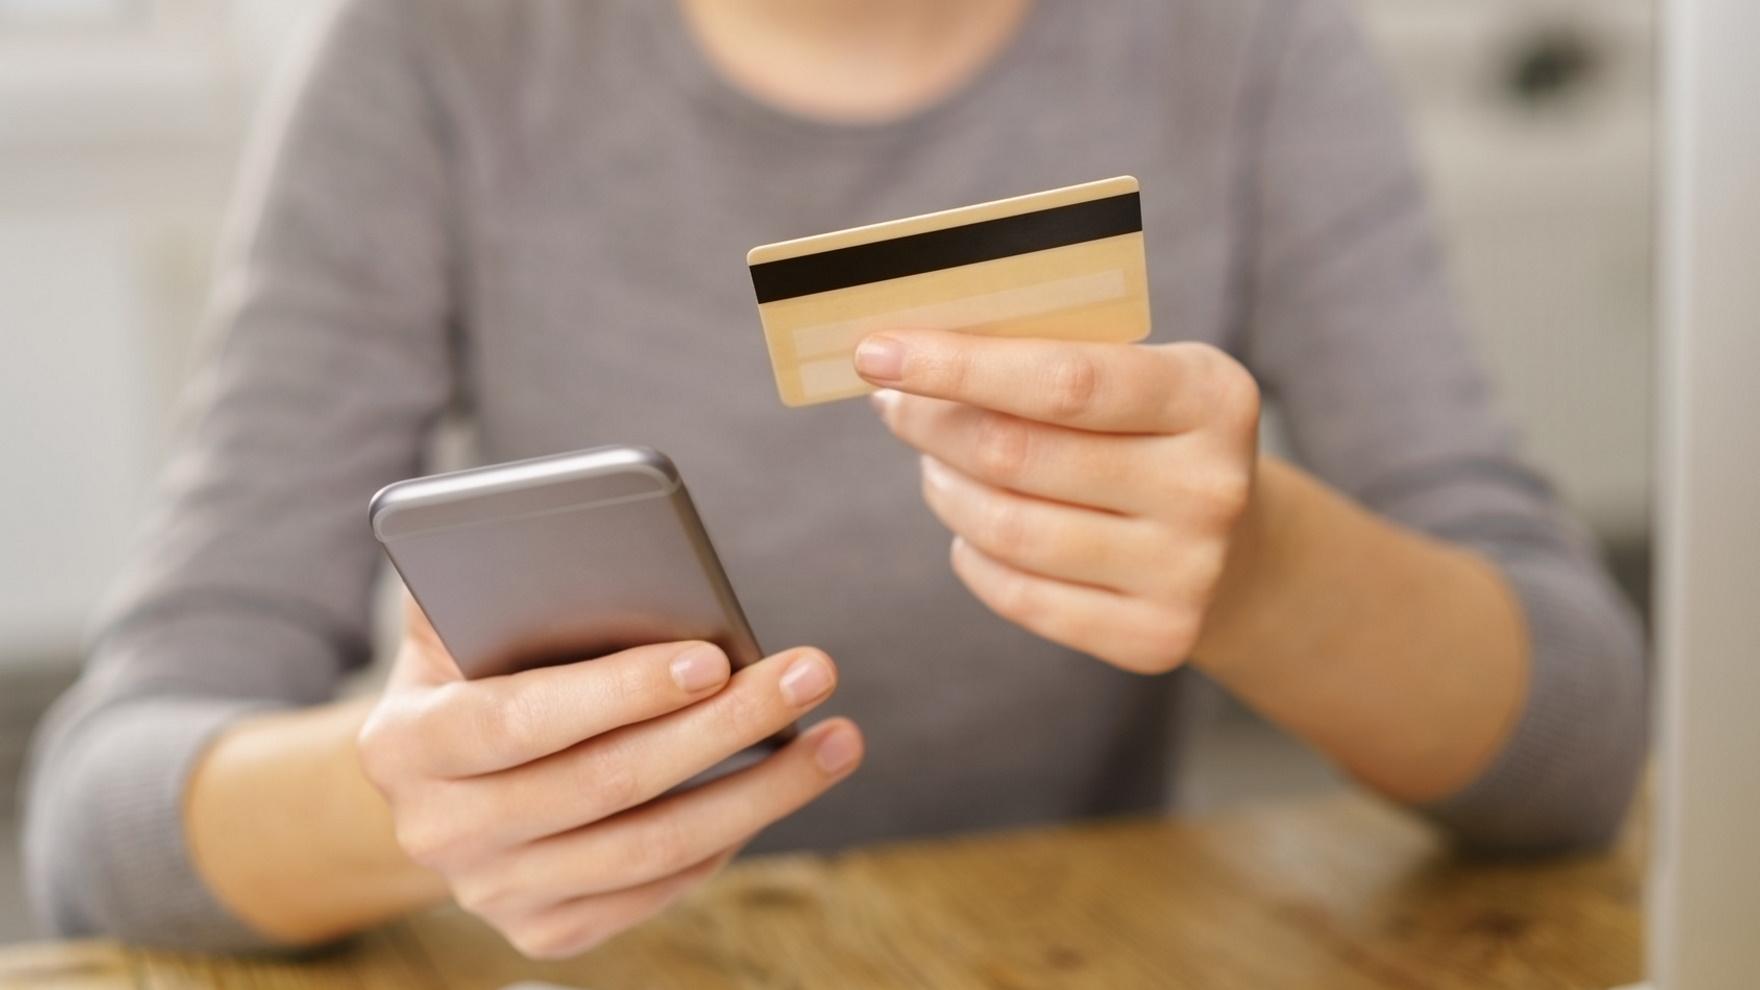 Crecen las compras a través del teléfono